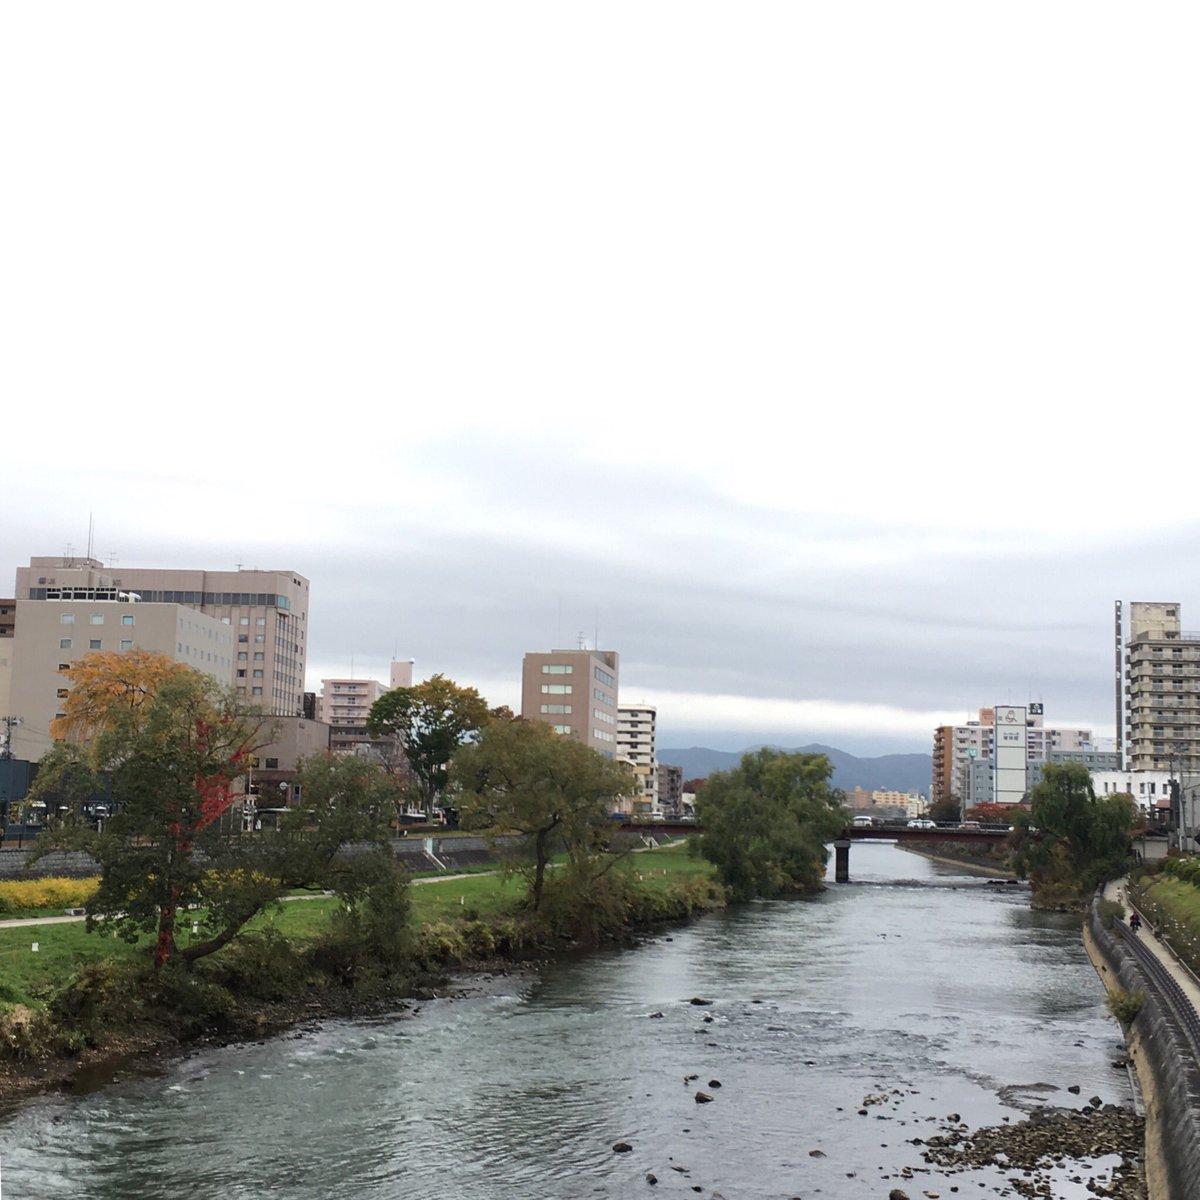 2019/10/29 盛岡市の開運橋から撮影。みなさま、安全第一でお過ごしください。 #岩手 #盛岡 #北上川 #岩手においでよ